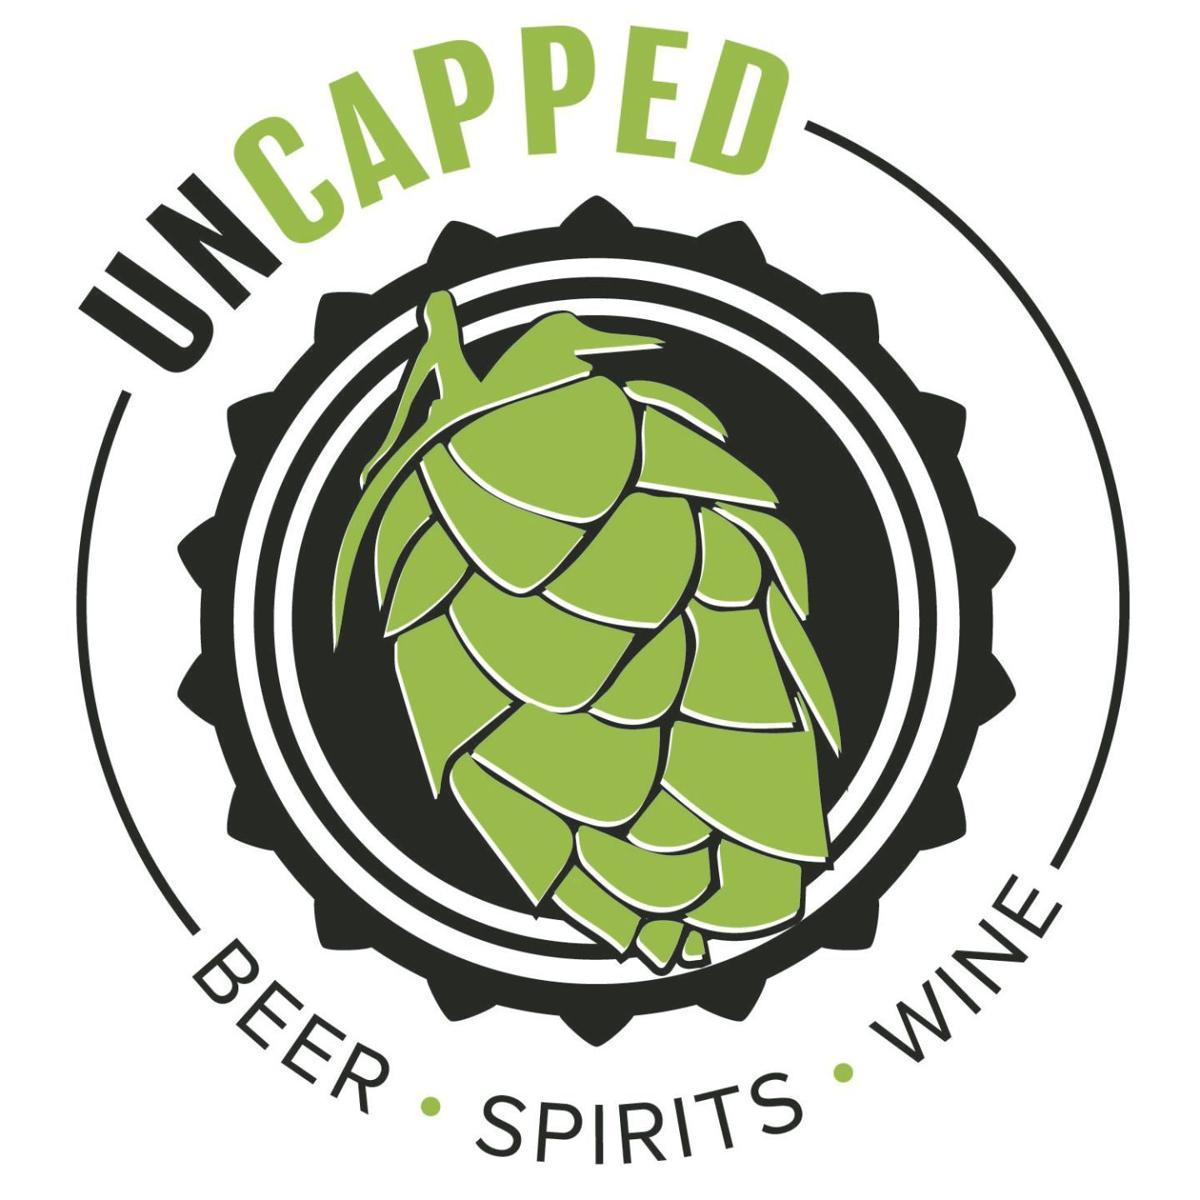 UNCAPPED_logo